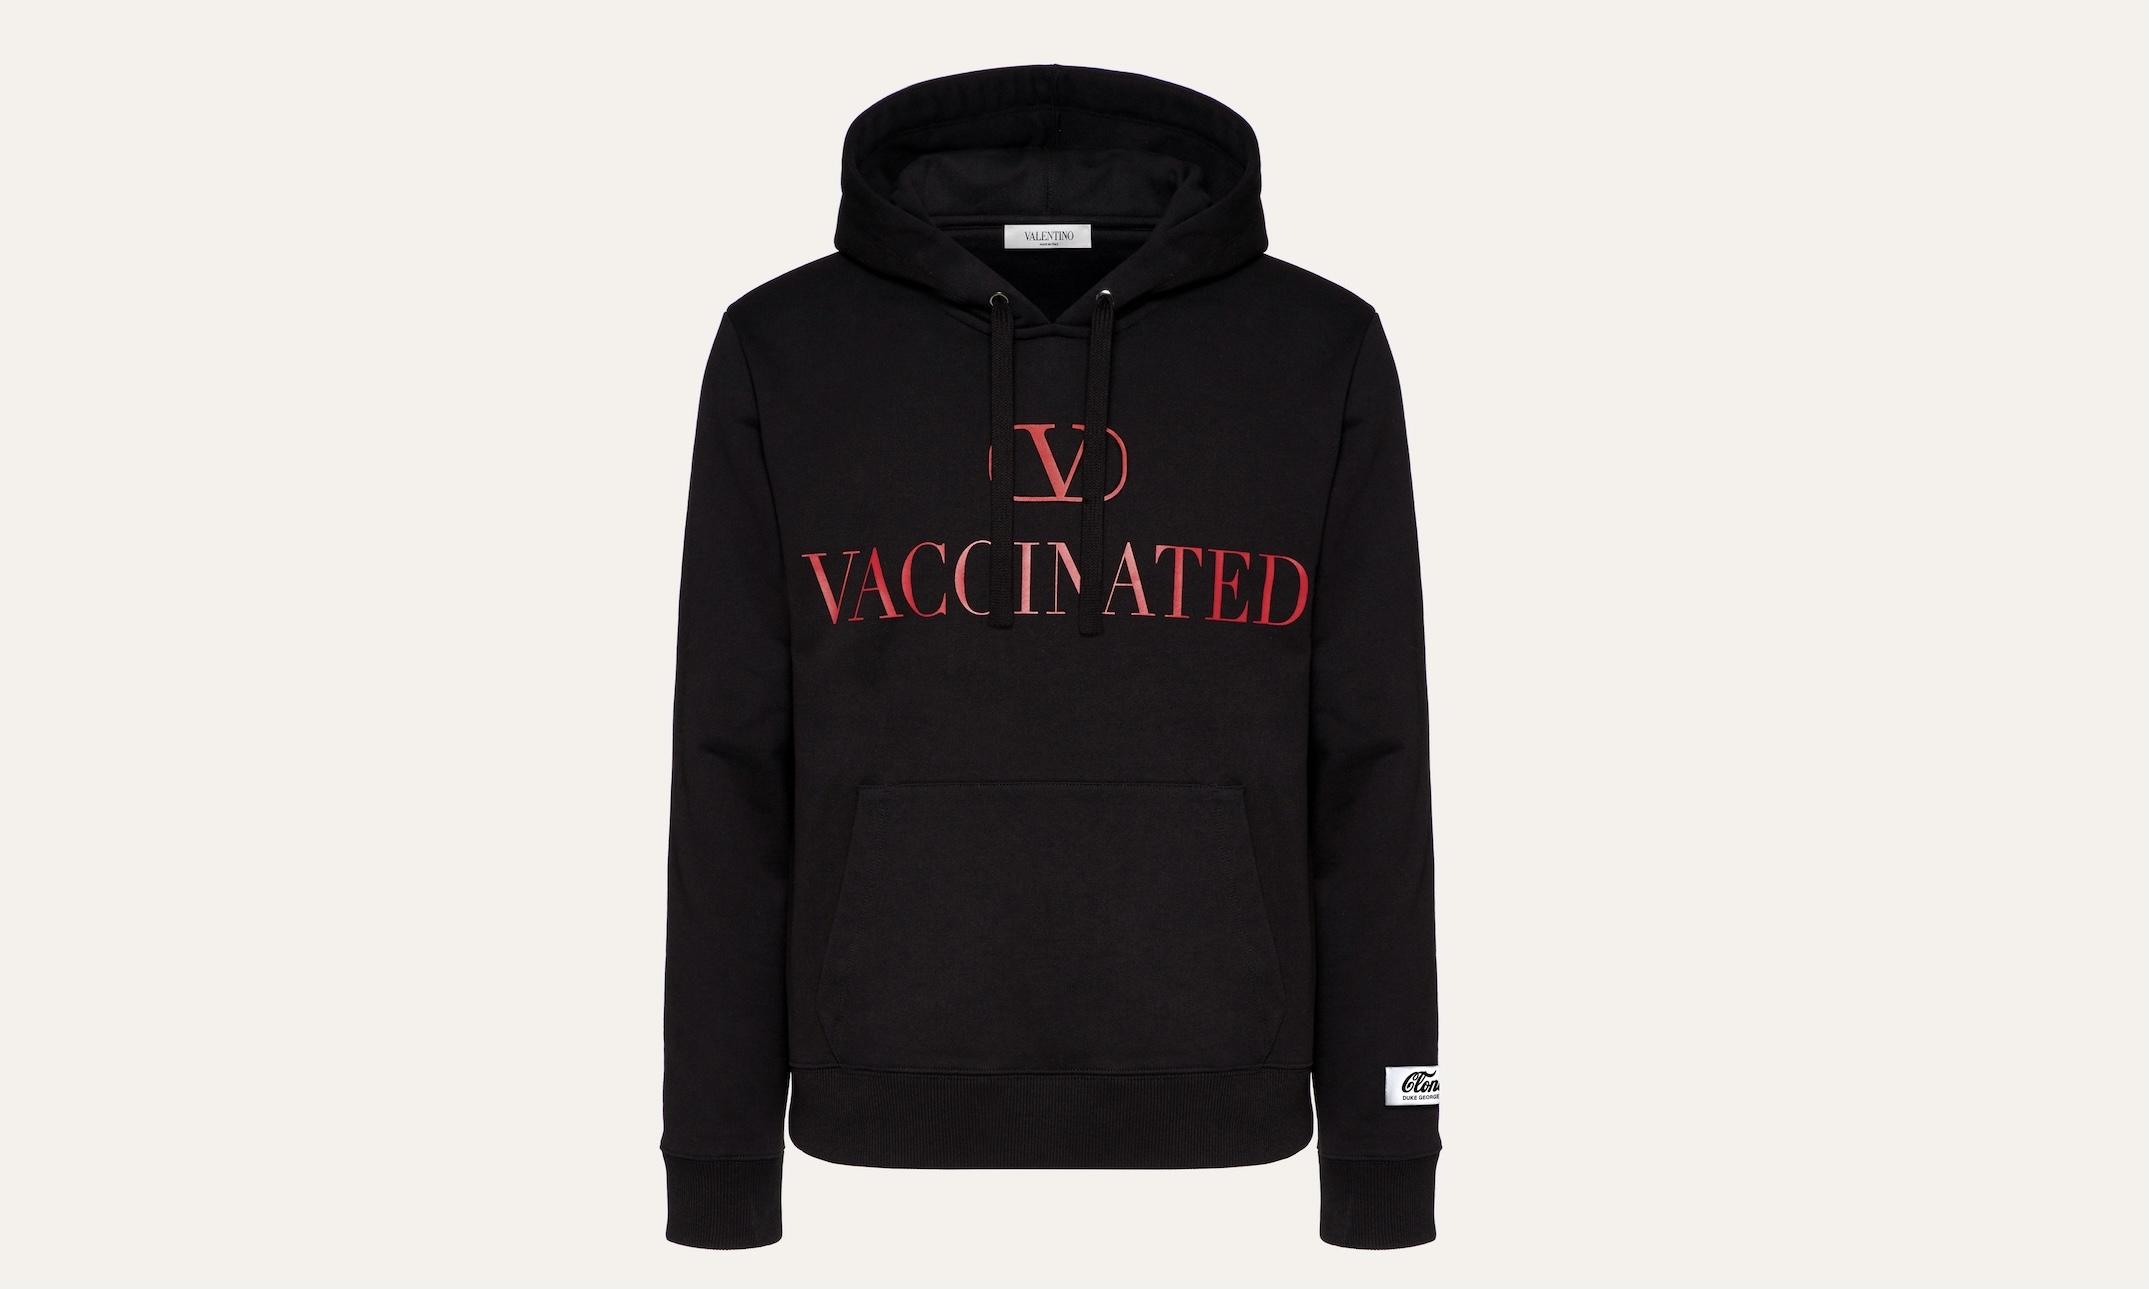 ヴァレンティノ、VACCINATED(ワクチン接種済み)パーカーを限定発売へ